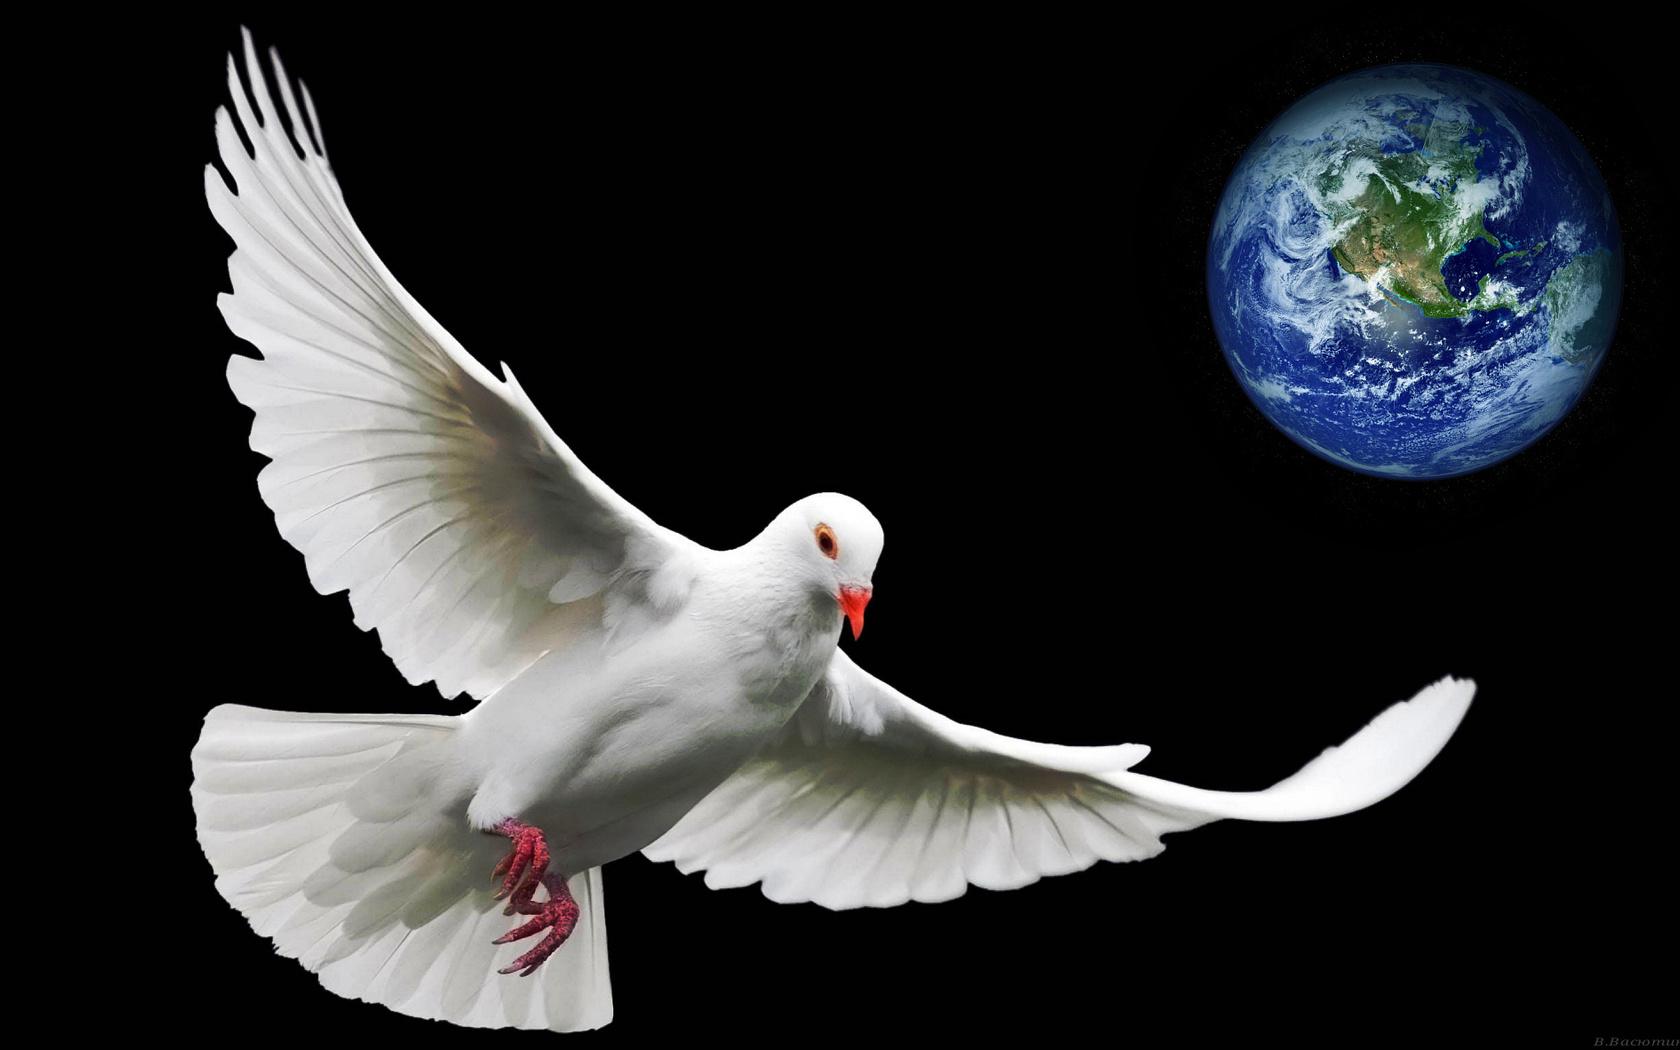 голубь, символ, мира, планета, земля, крылья,клюв,оперение,белый,глаза,лапки,красные,красиво